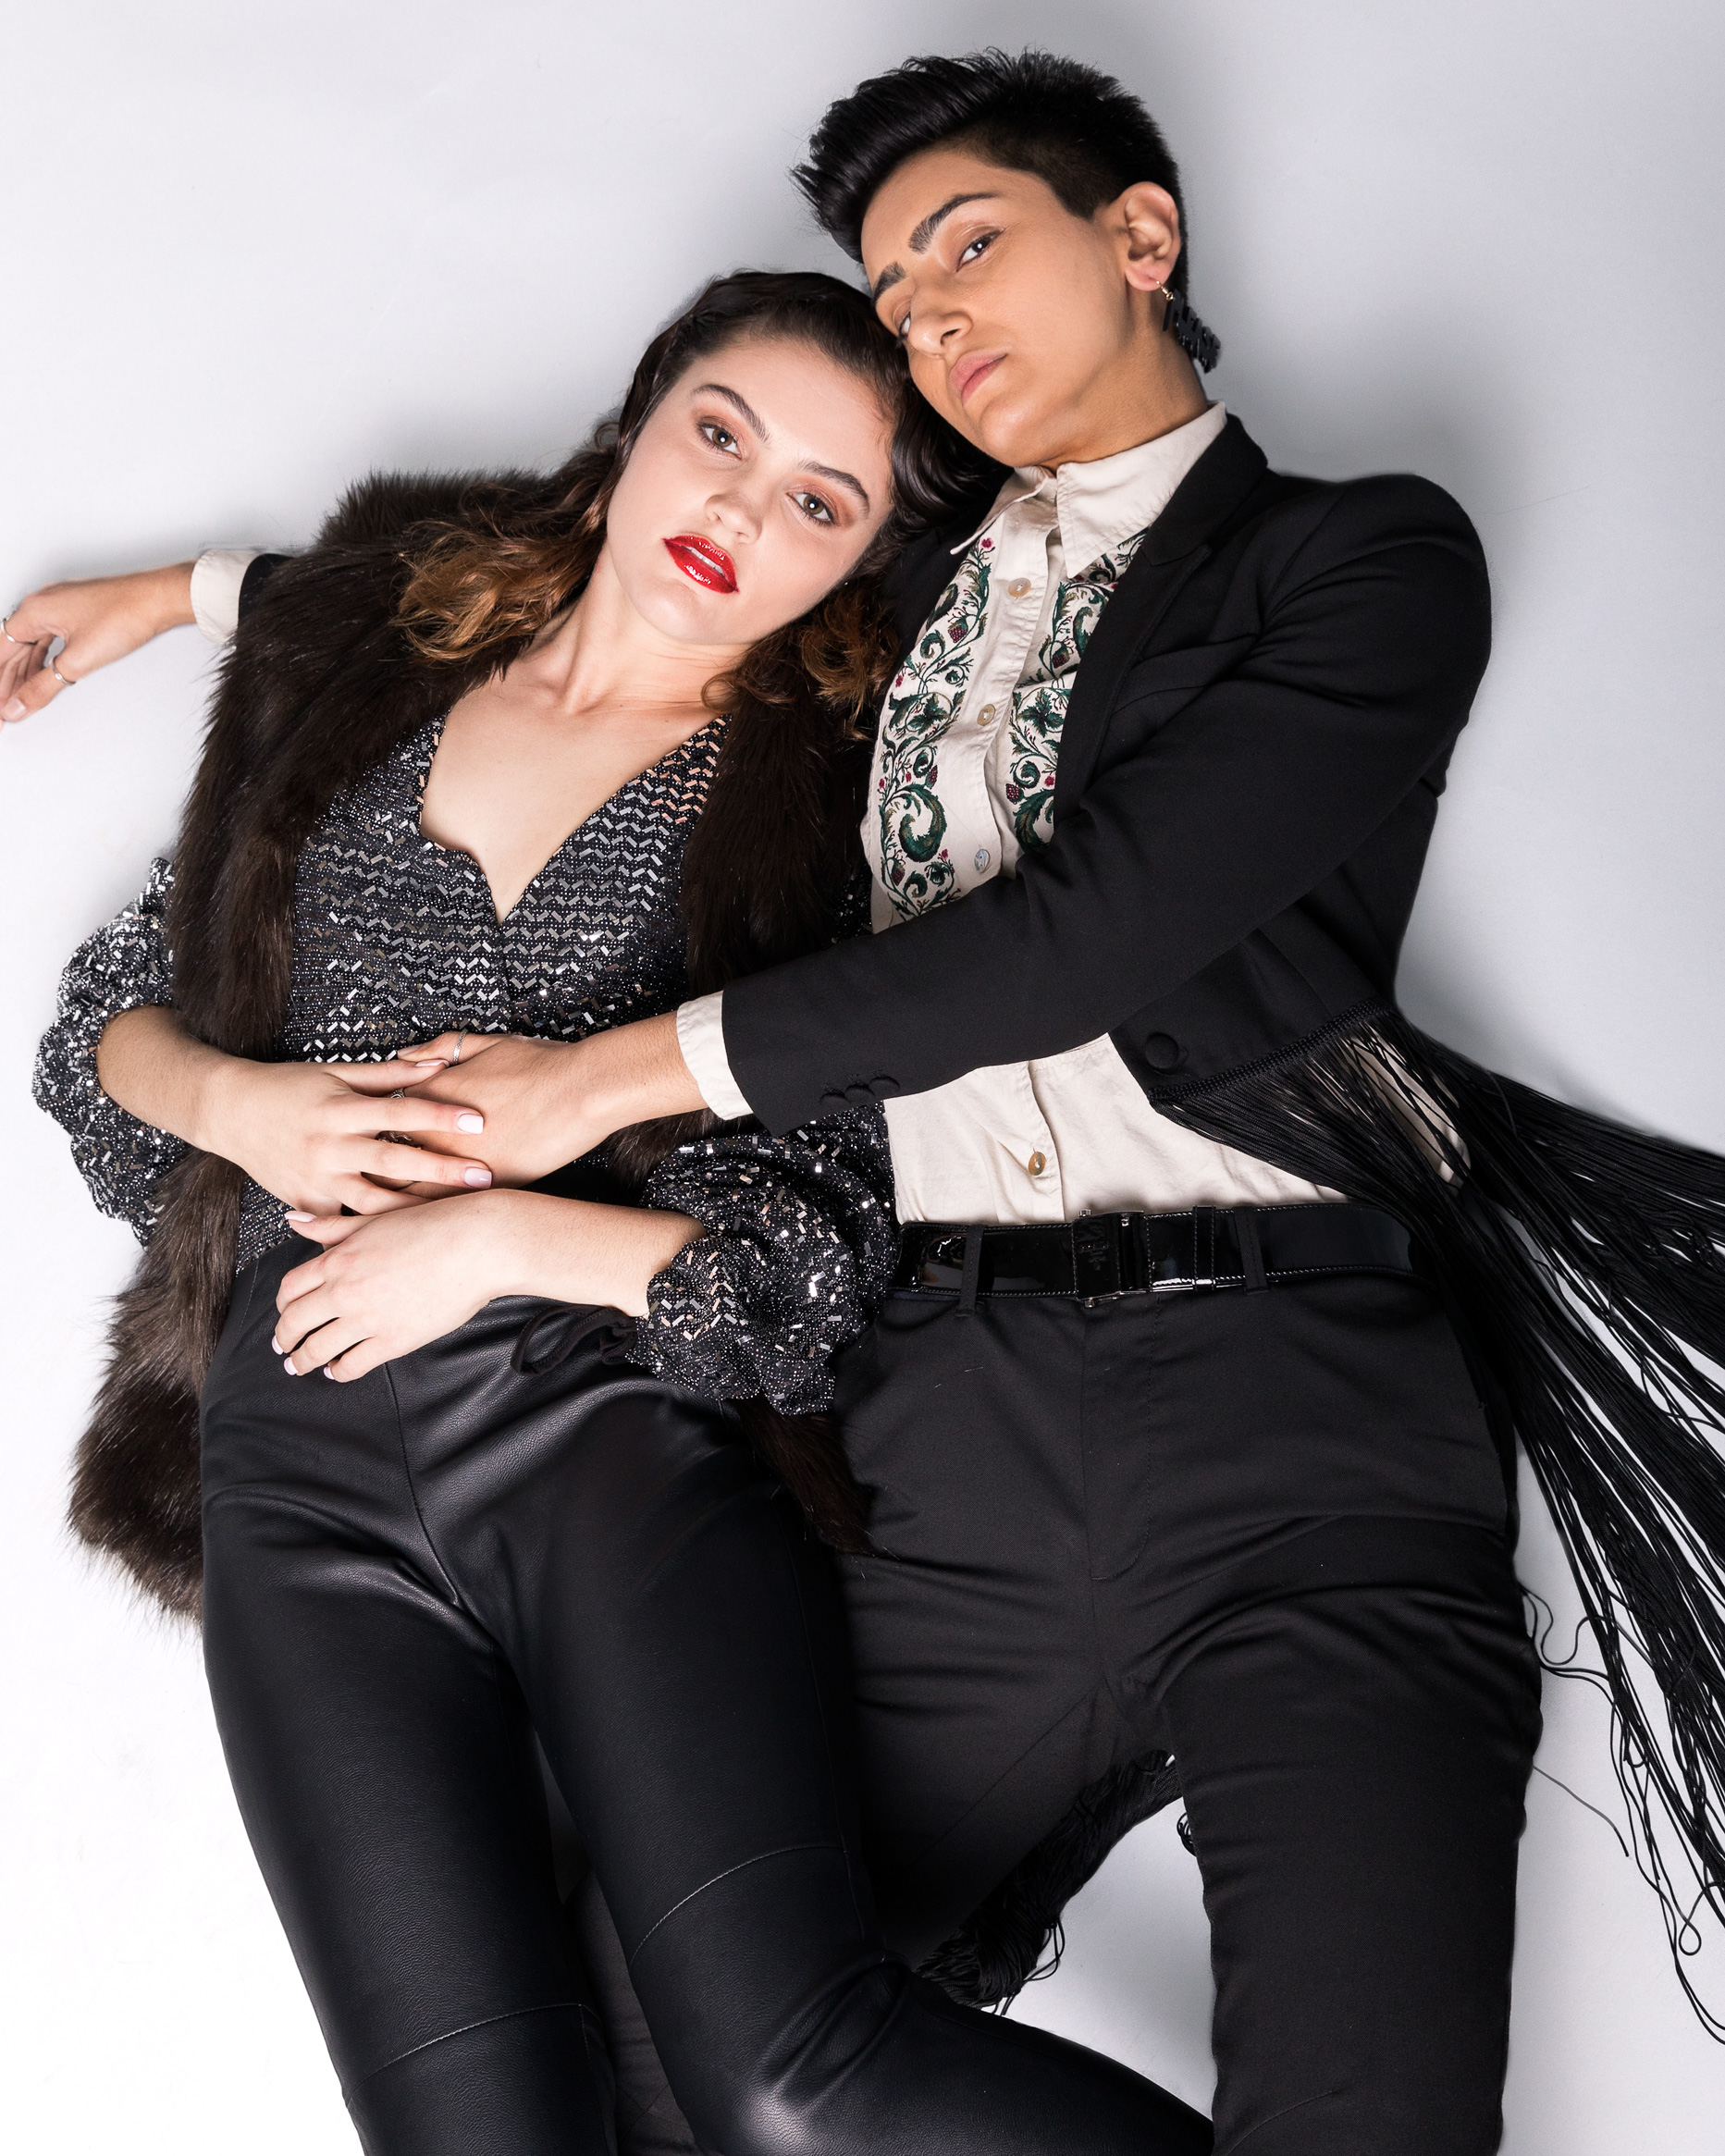 002.02 - // photographer: luis martinez // models: rabia + zoe // hmua: michaela lew // creative director : calli martin// rabia's stylist: kelvin reyes // zoe's stylist: calli martin